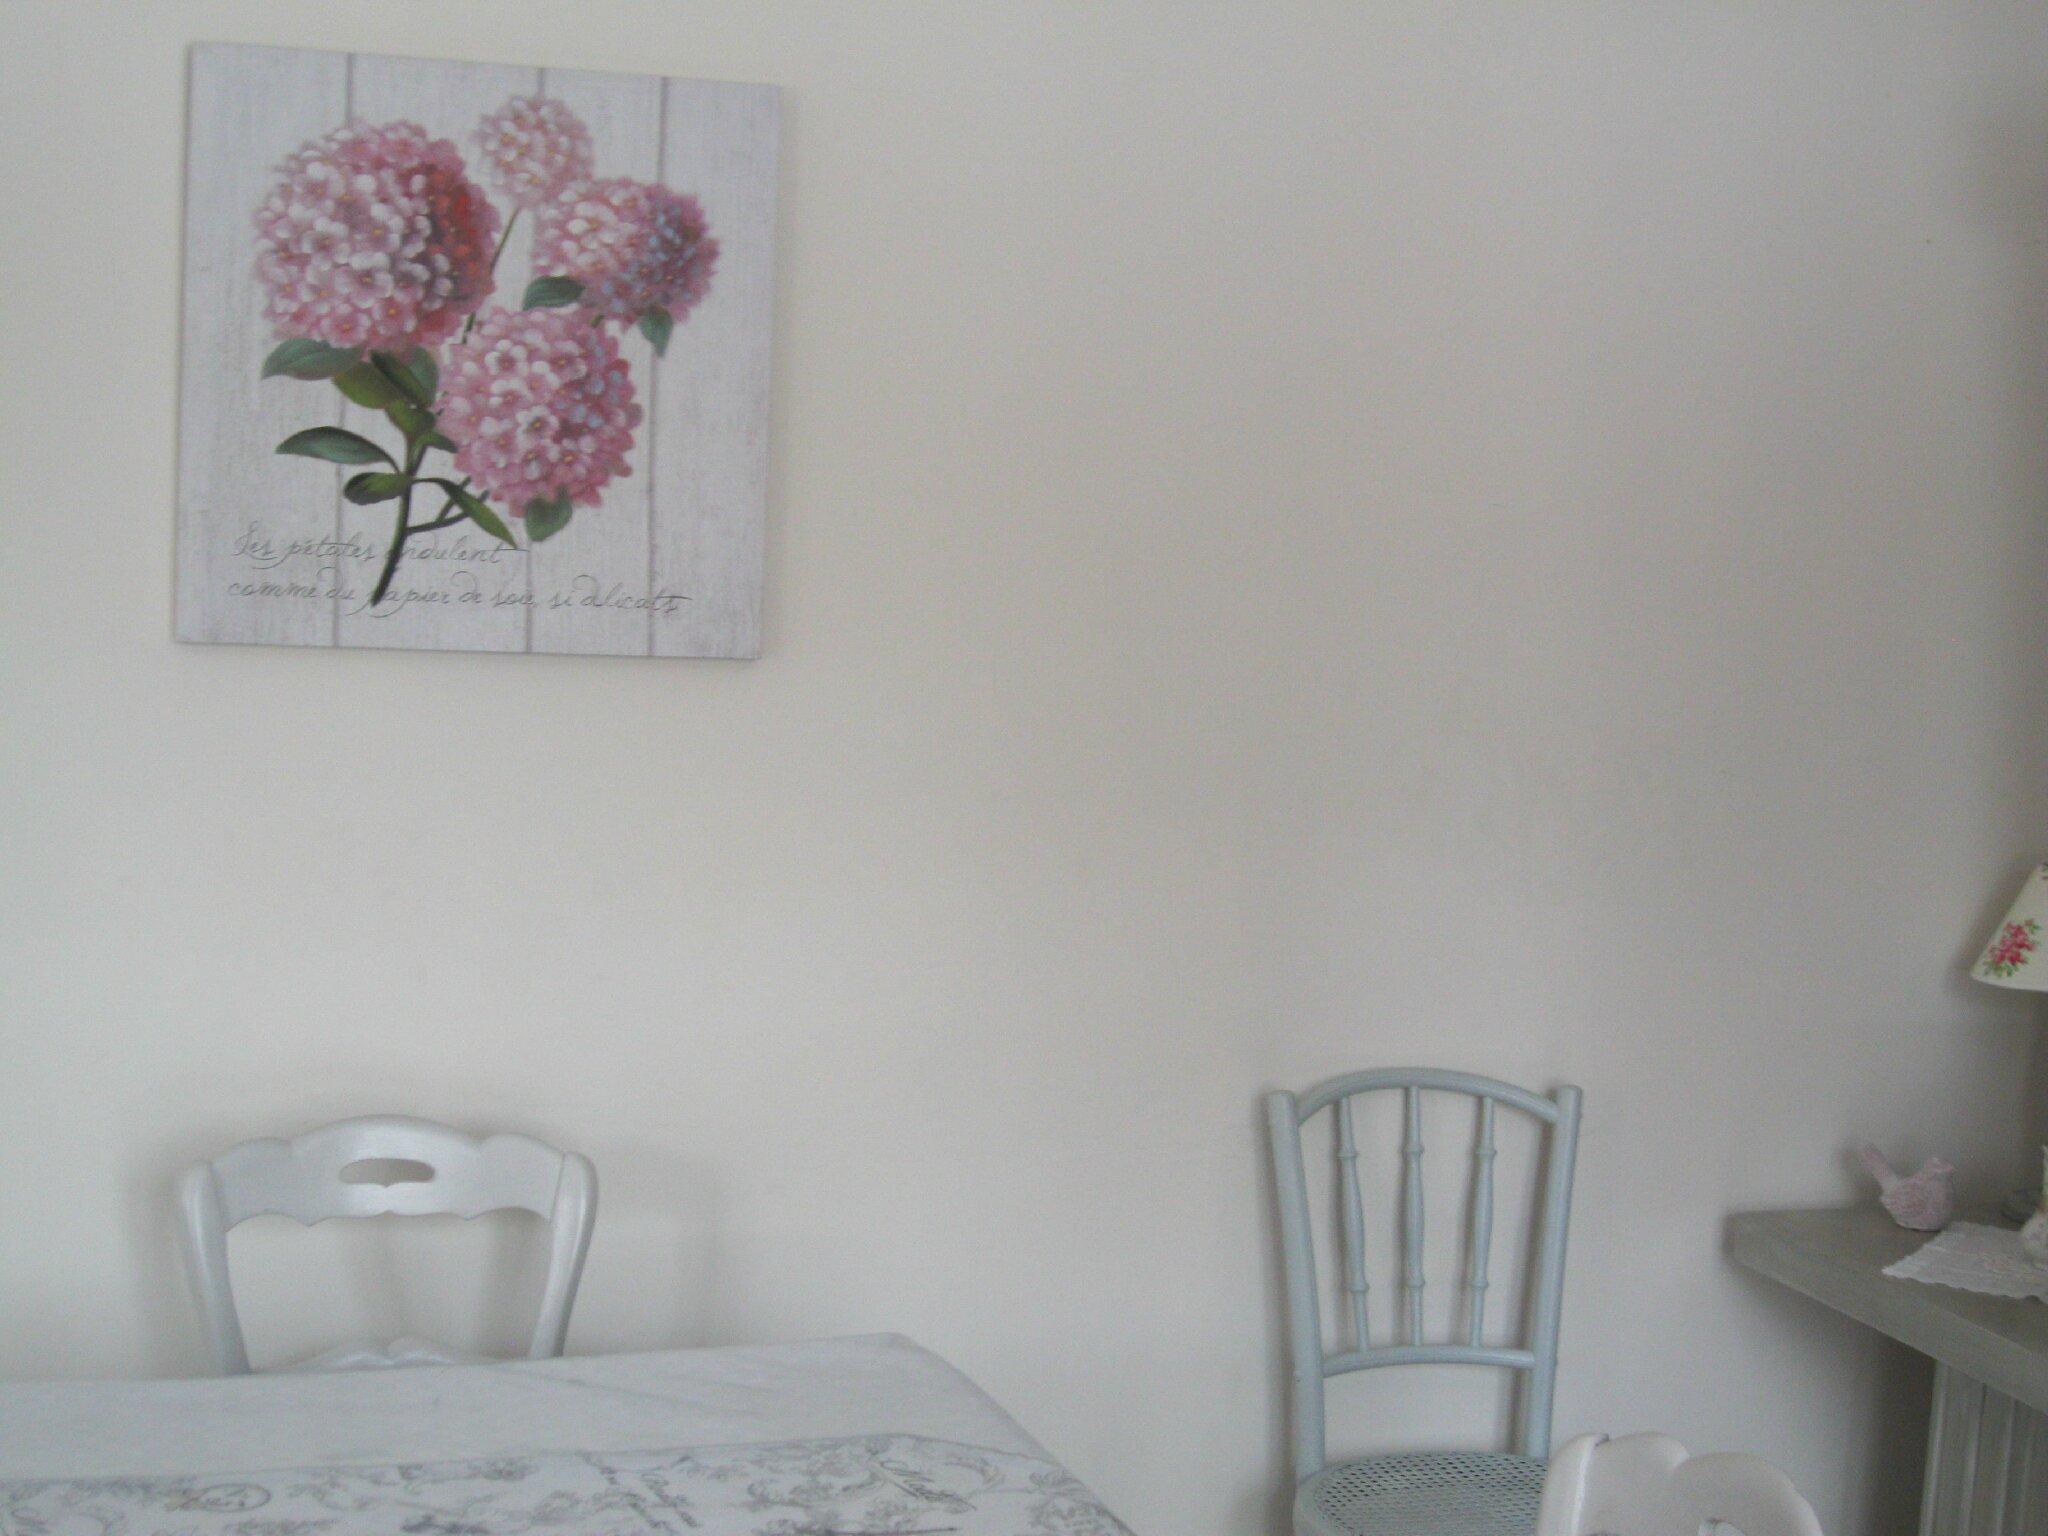 Free changement de dco with maison du monde tableaux deco - Maison du monde tableau ...